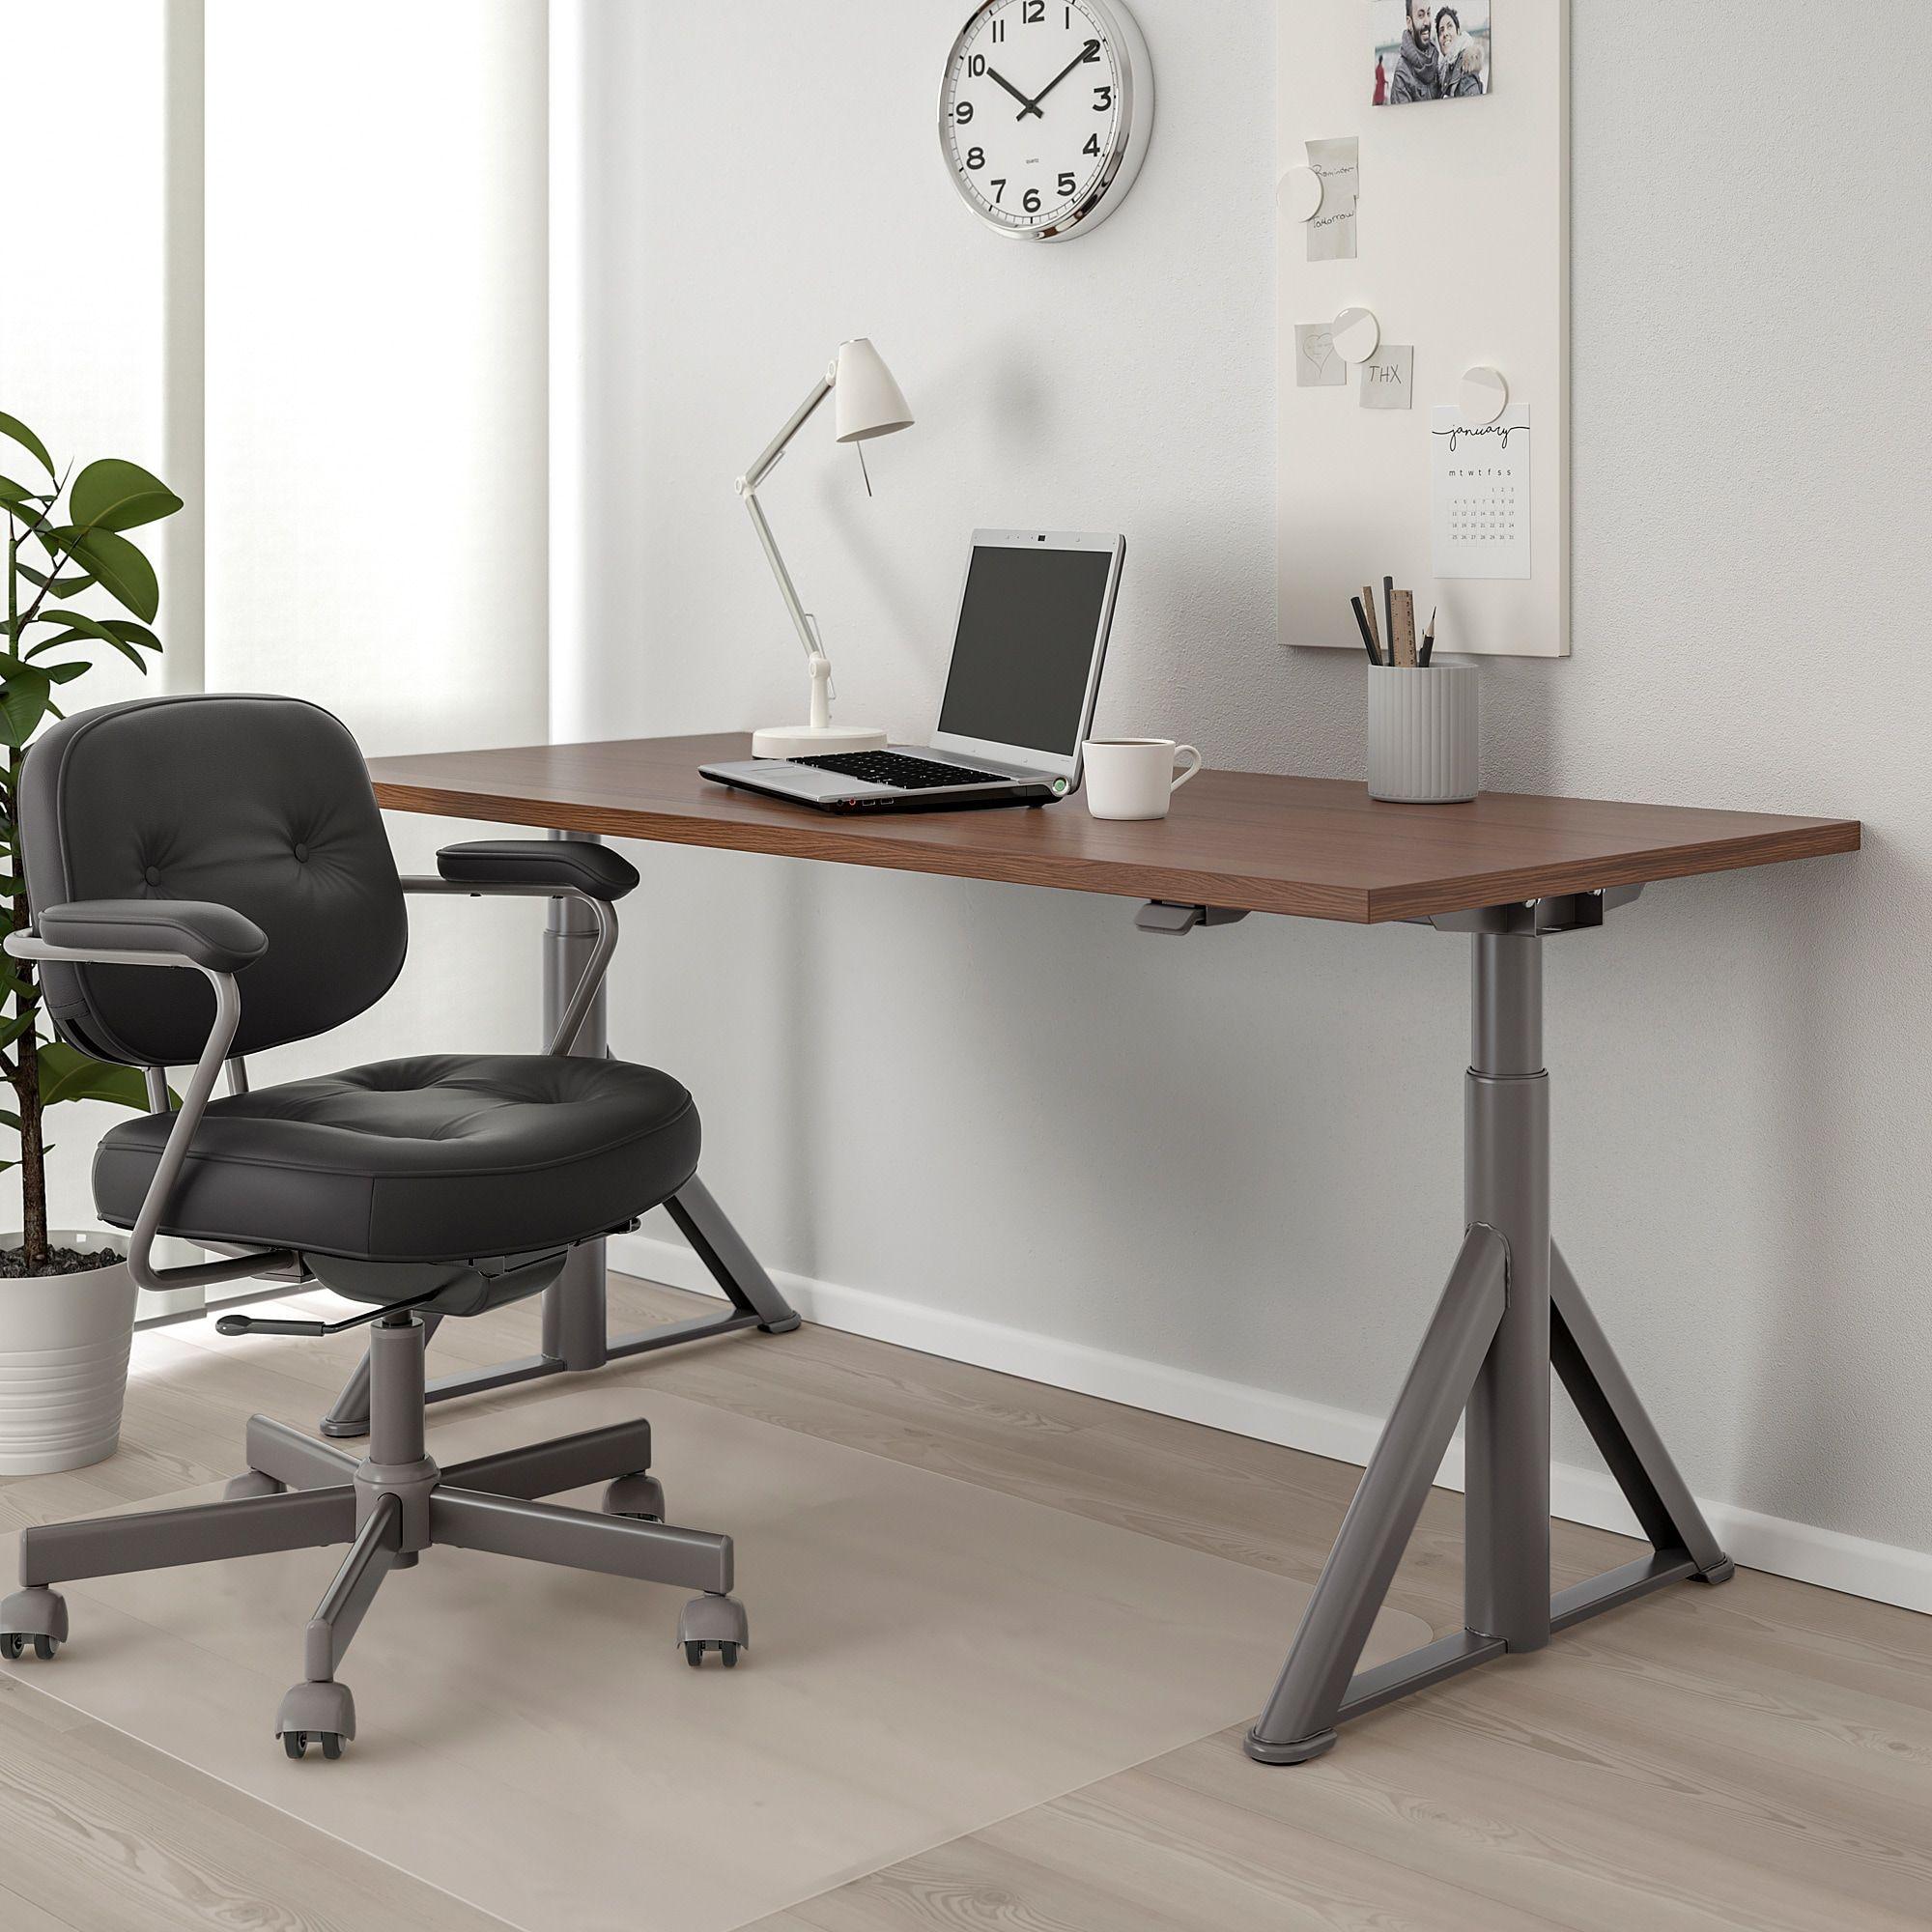 Ikea schreibtisch schwarz  IDÅSEN Schreibtisch sitz/steh braun, dunkelgrau in 2019   Products ...